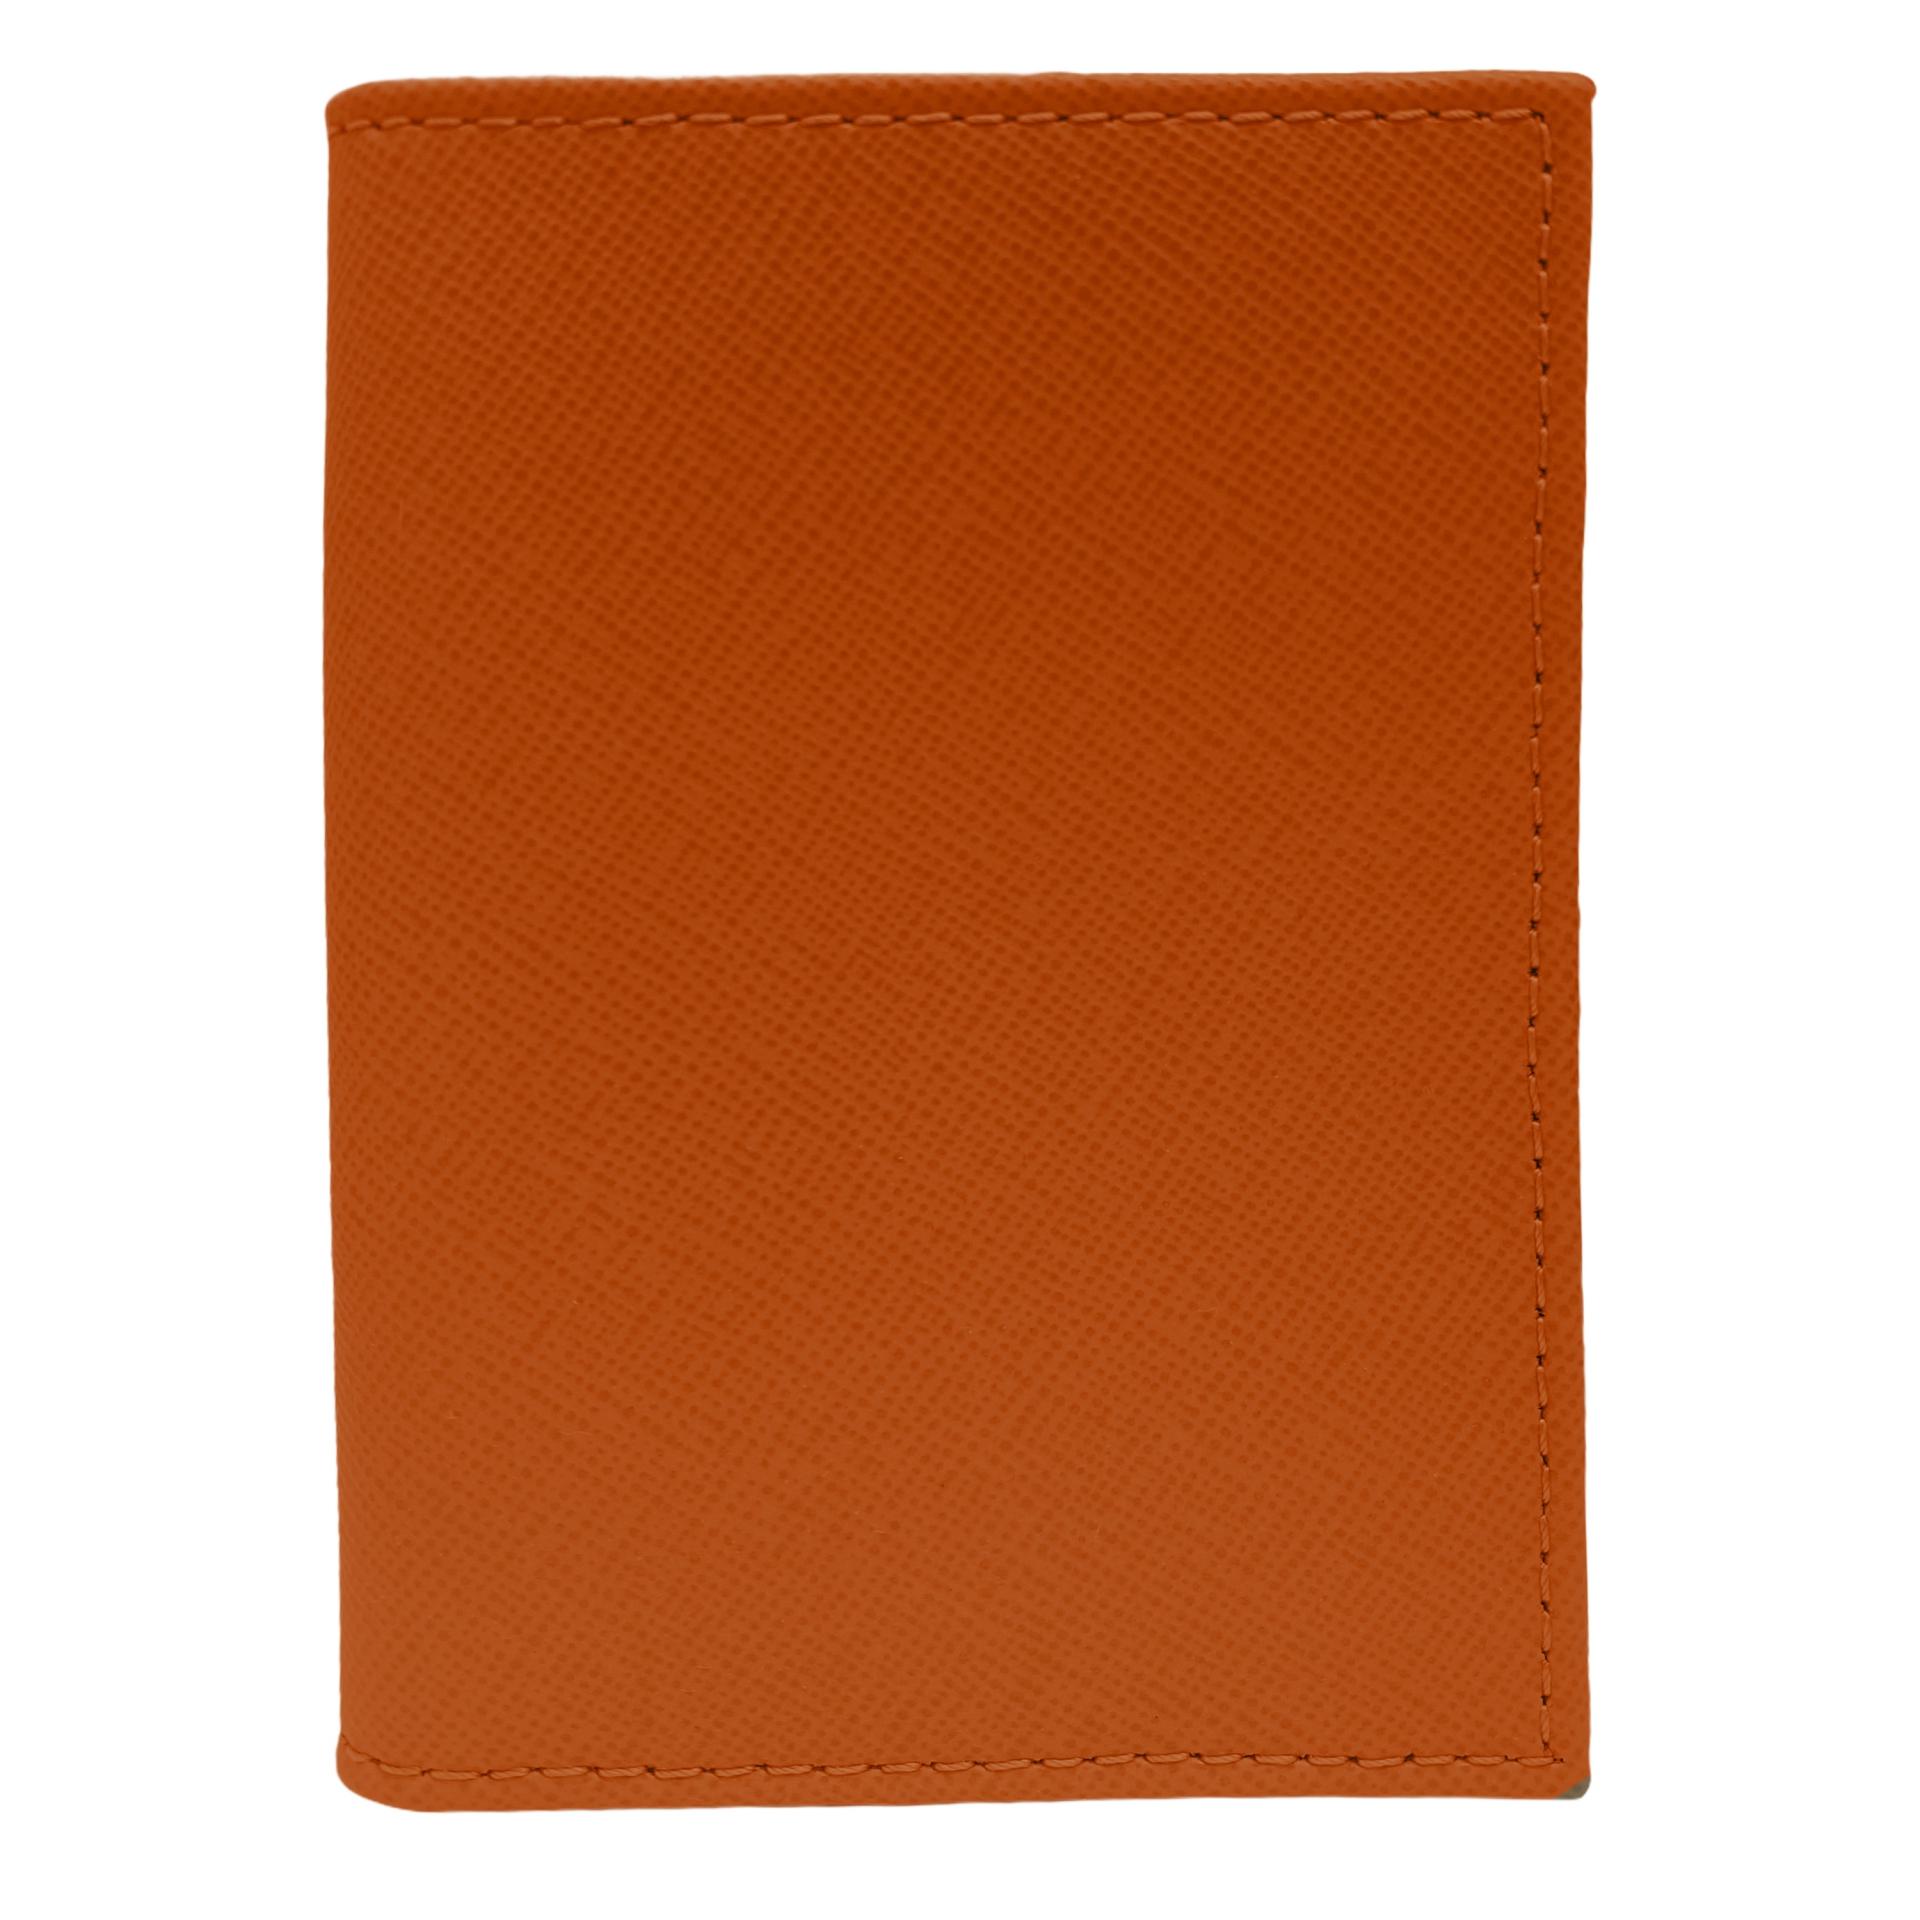 Porte carte de crédit orange saffiano